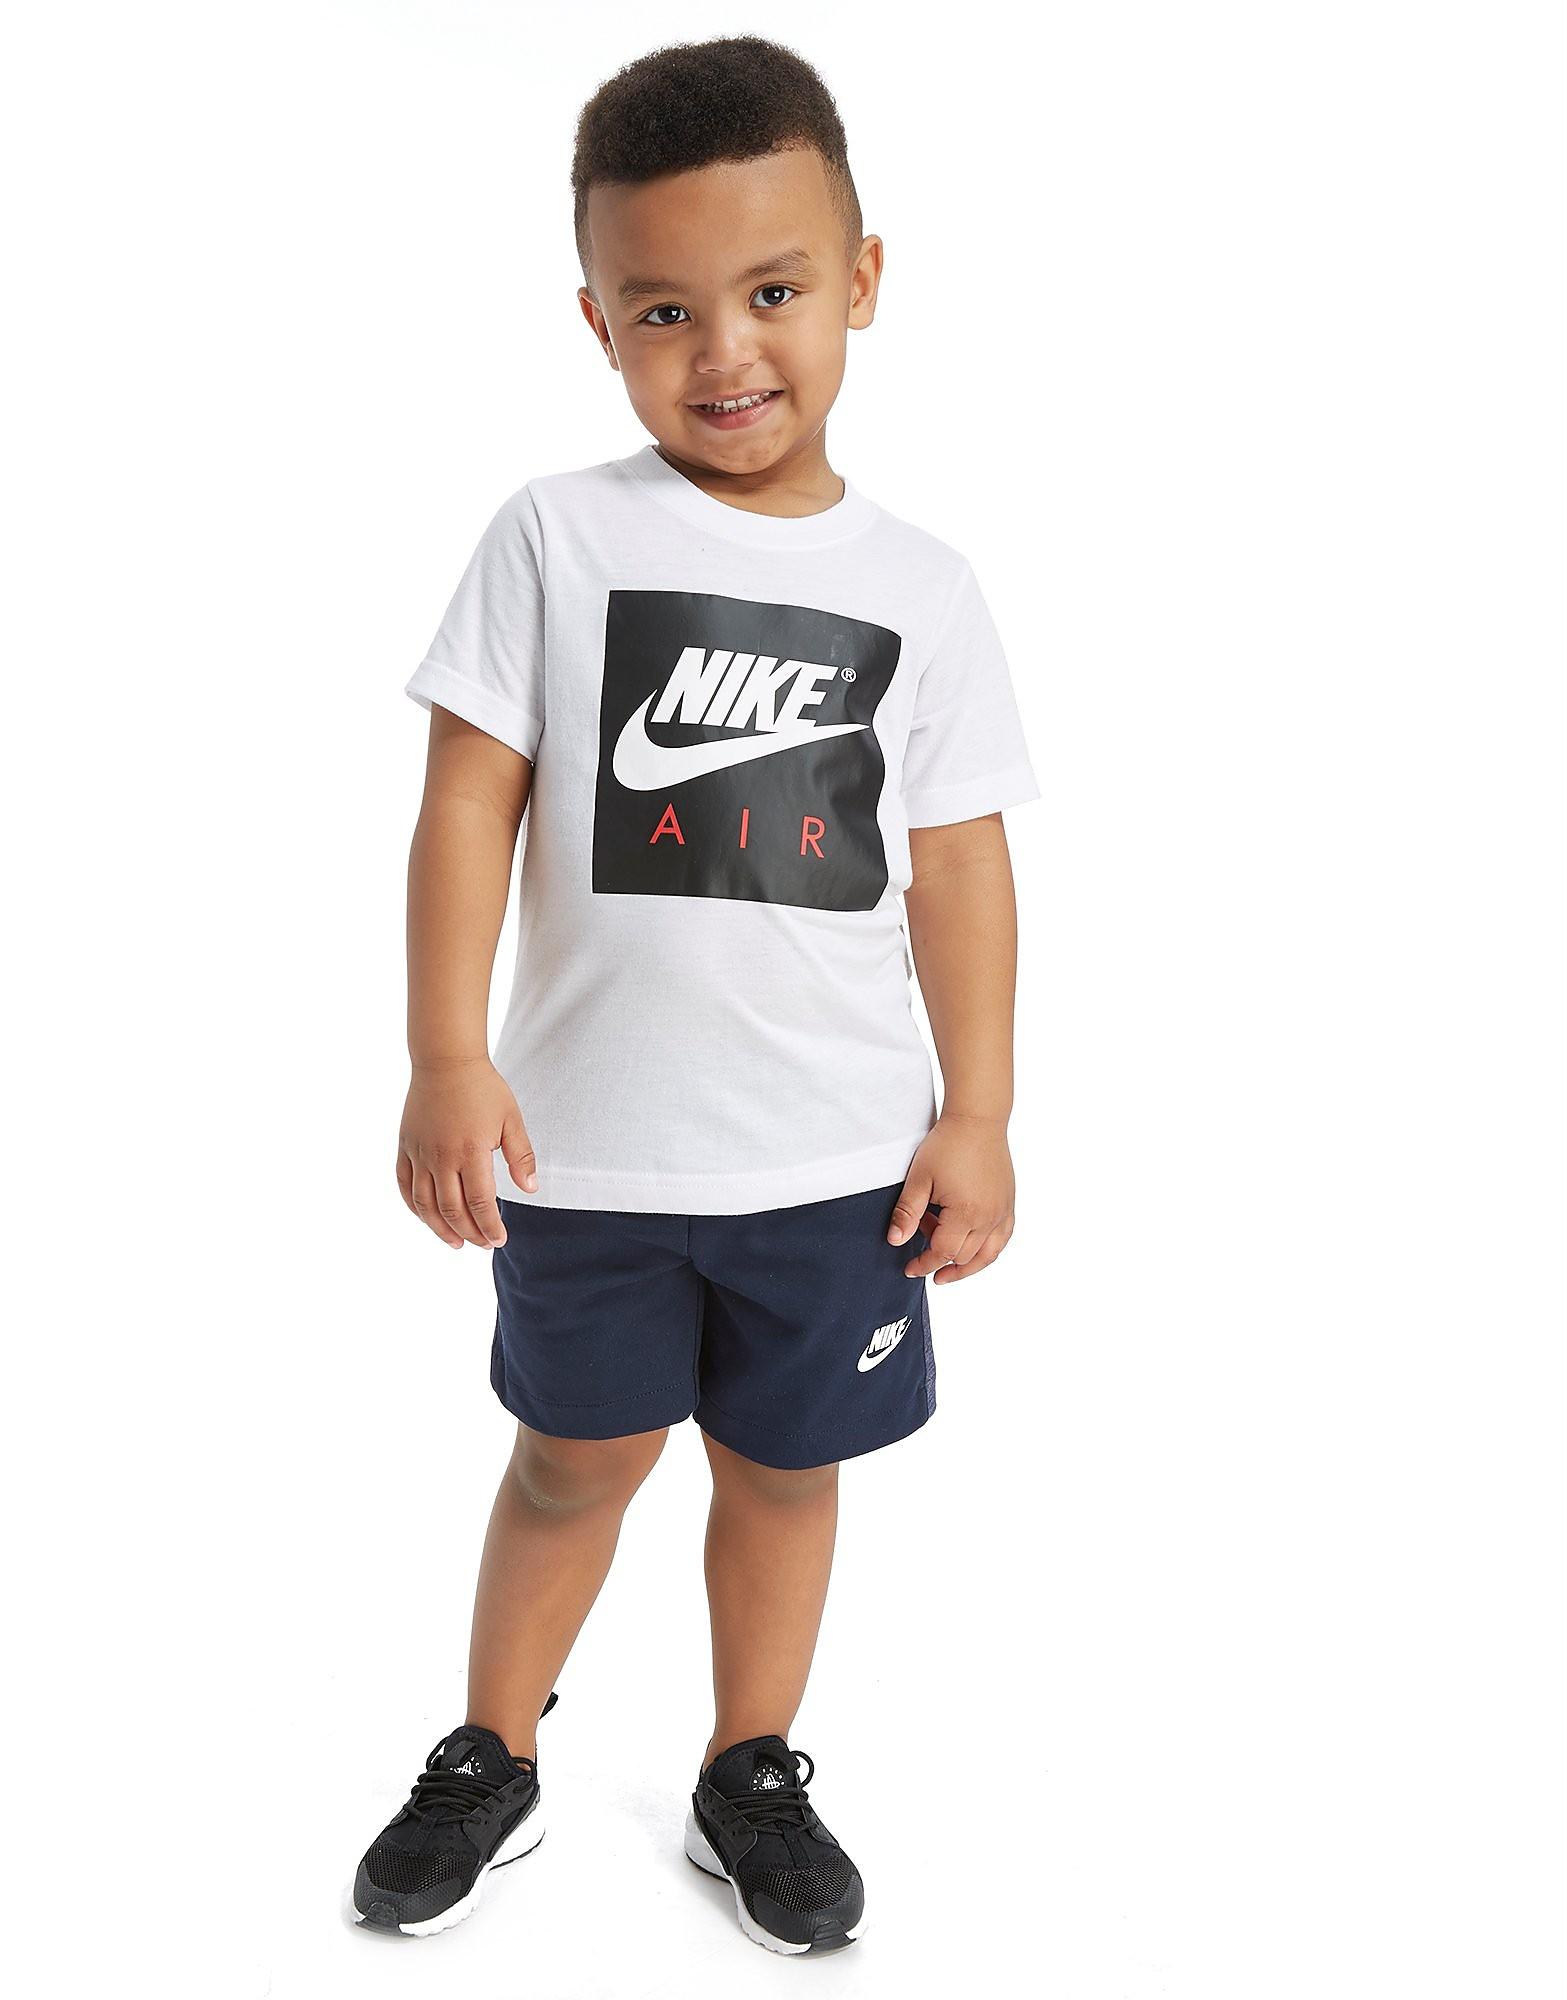 Nike Air Box T-Shirt Children